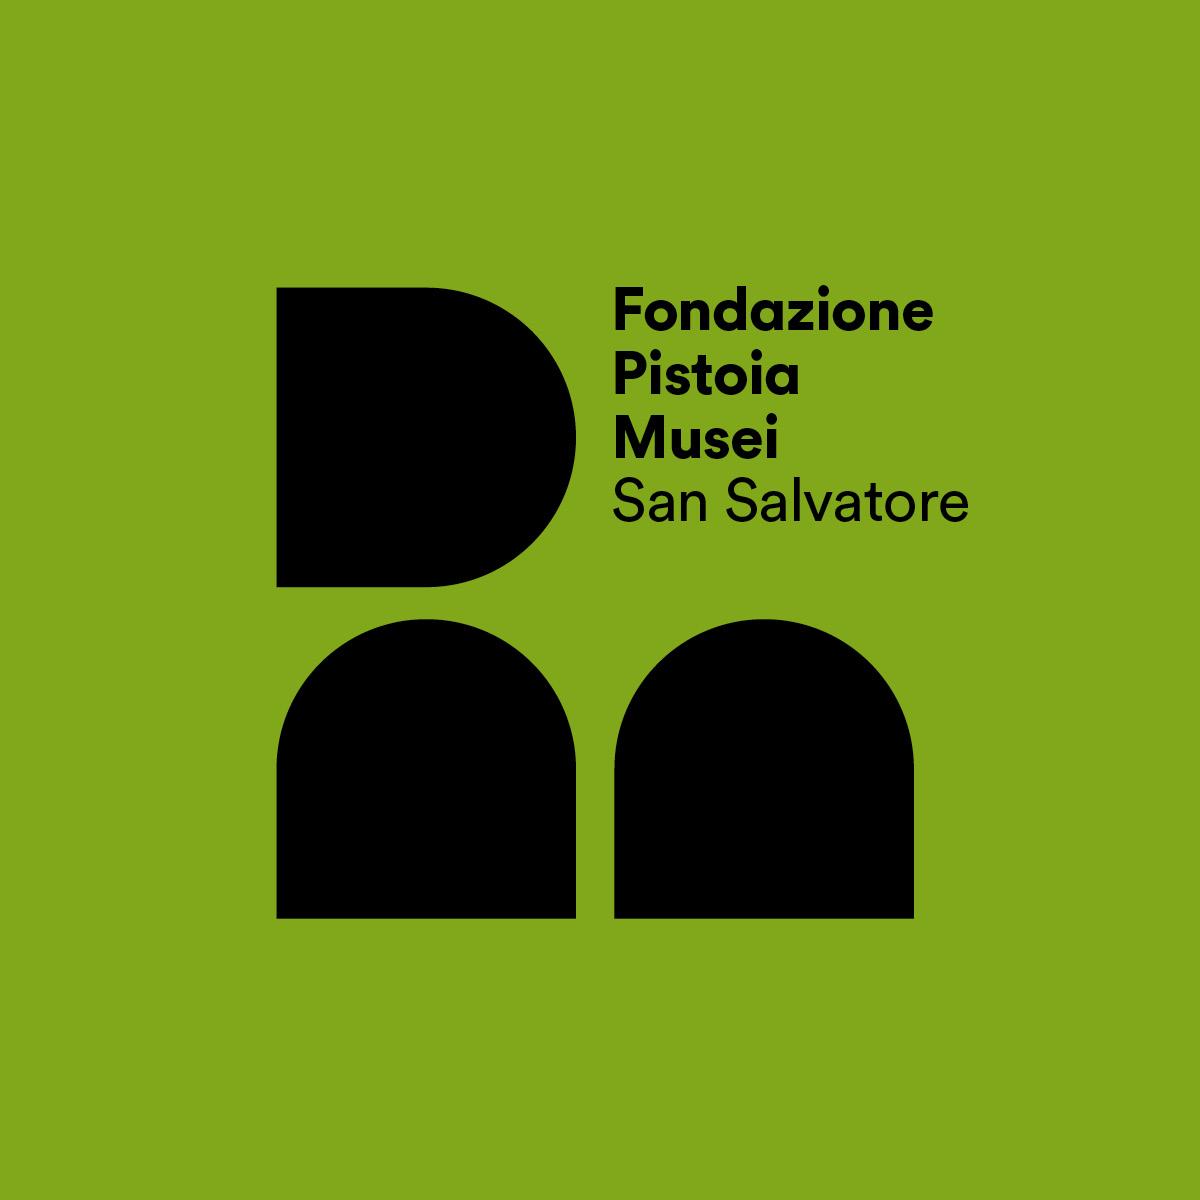 Fondazione-Pistoia-Musei-005